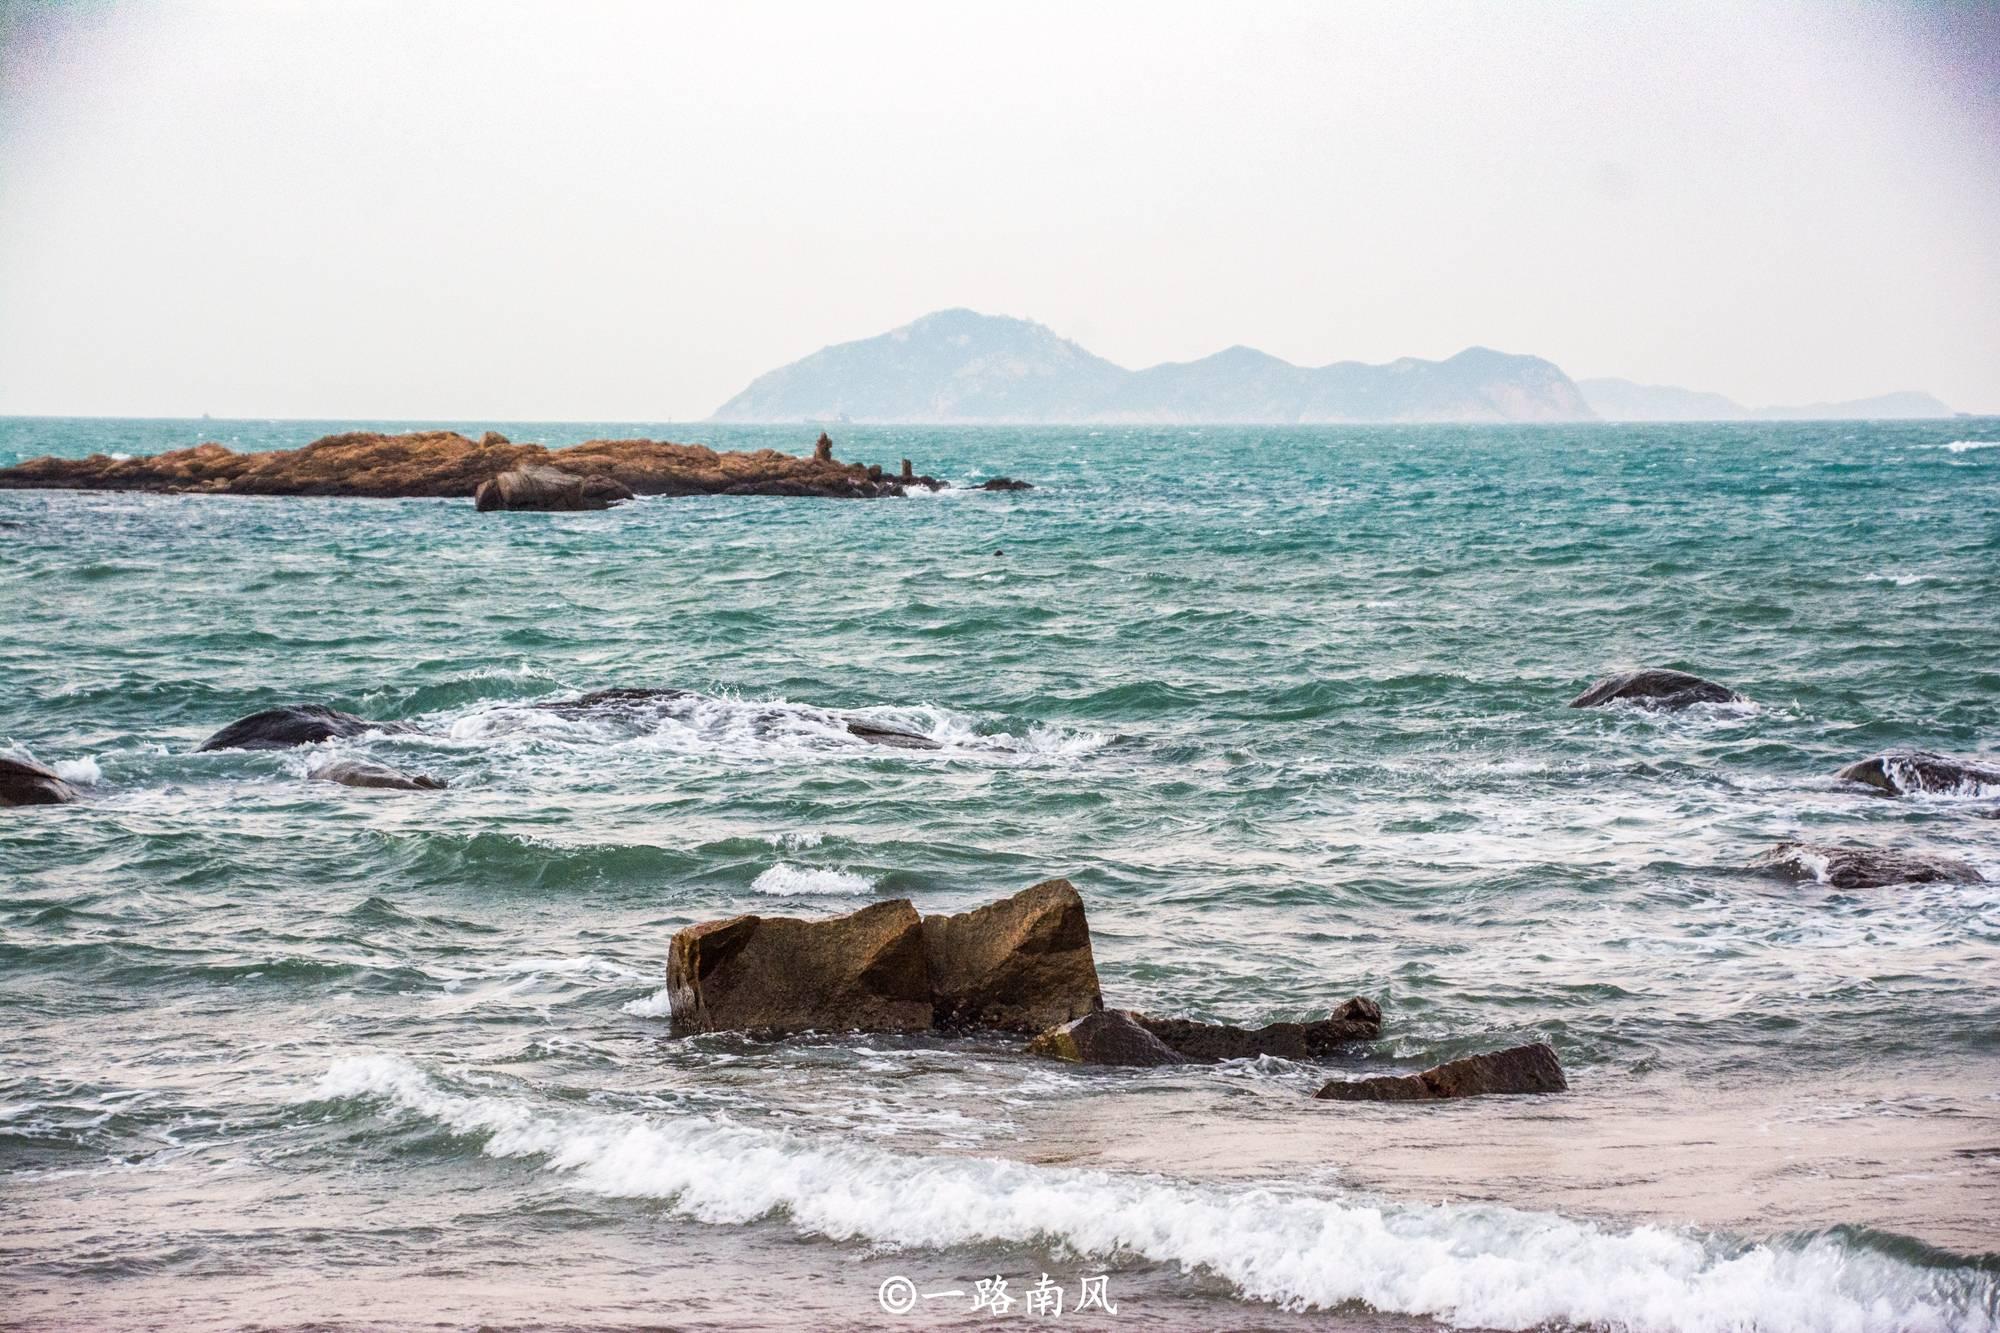 """原创广东也有""""马尔代夫"""",人少景美,仿如海边桃源"""